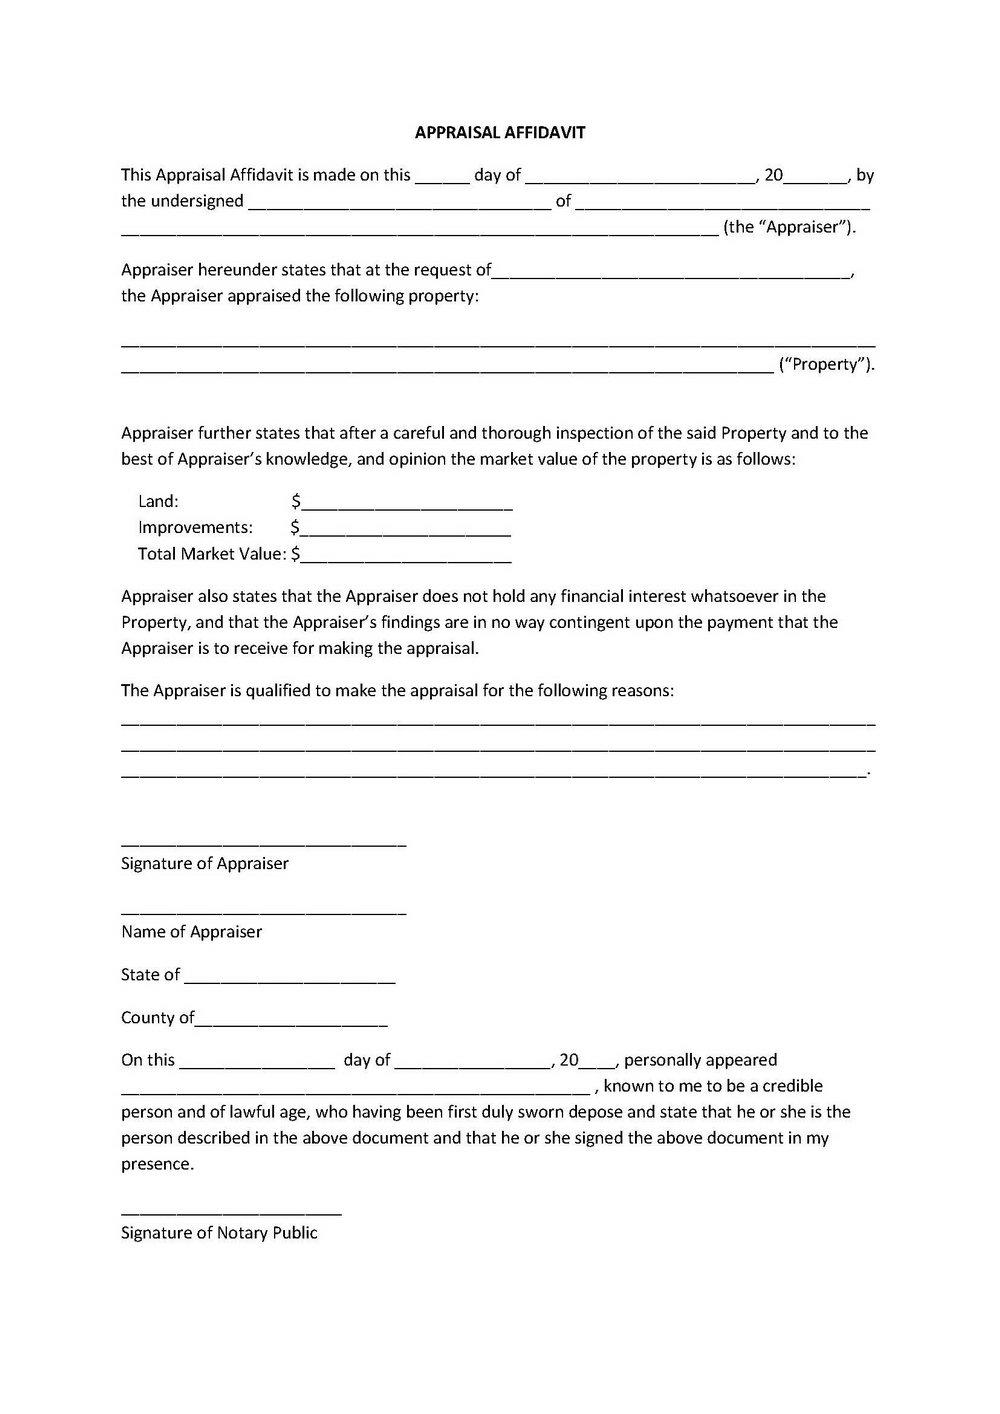 Pdf Online Form Filler